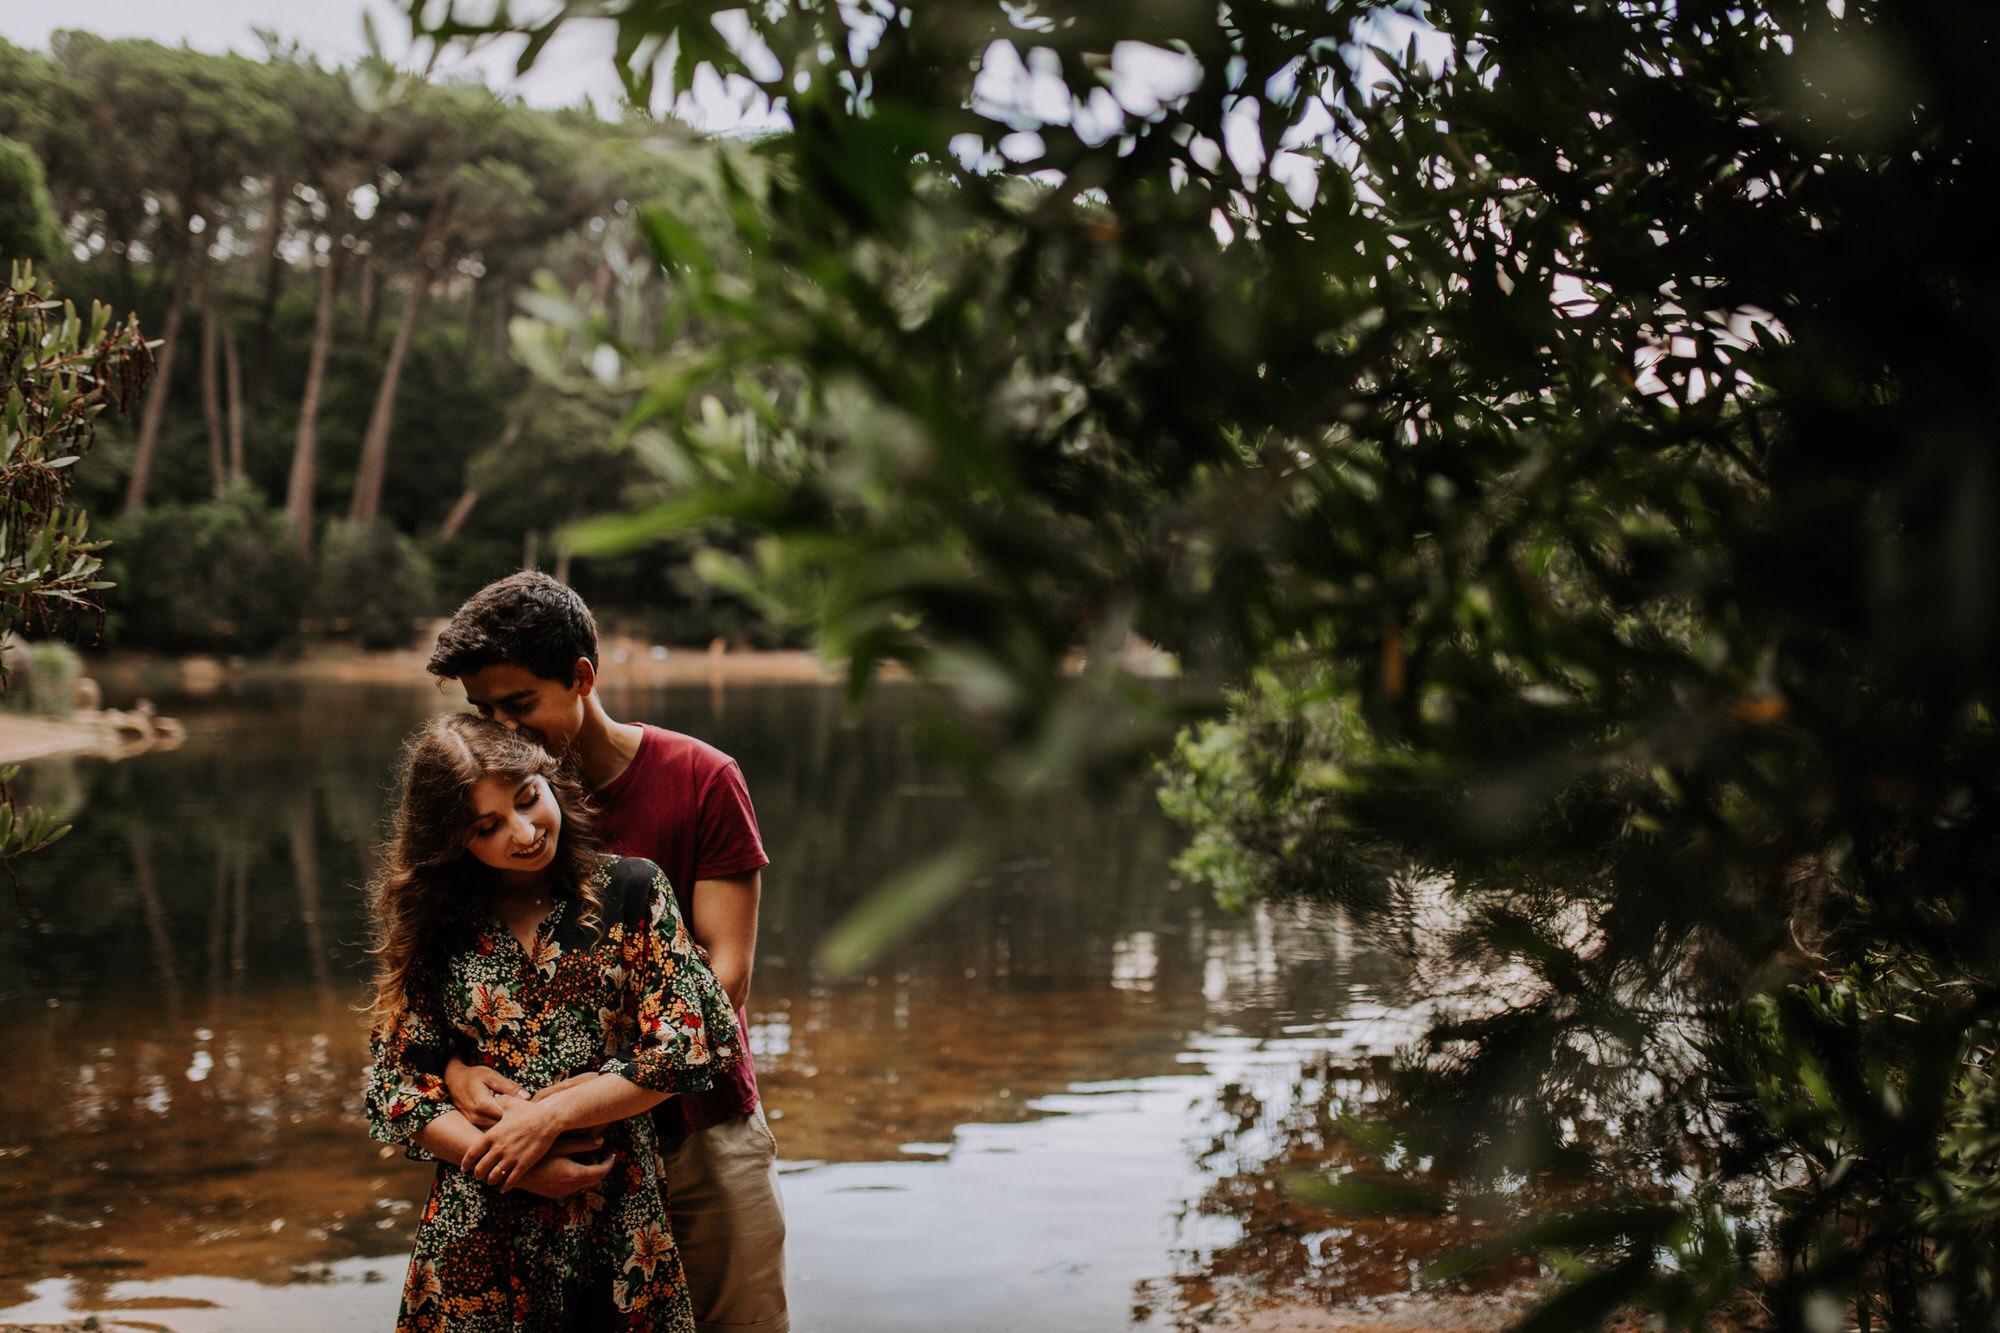 7 filipe_santiago_fotografia_sessão de casamento_love session_engagement_sintra_Santuario da Peninha_nevoeiro_fotografo_Lisboa_Weddin Photographer_Portugal_best_natural_near_couple-hug-abraço